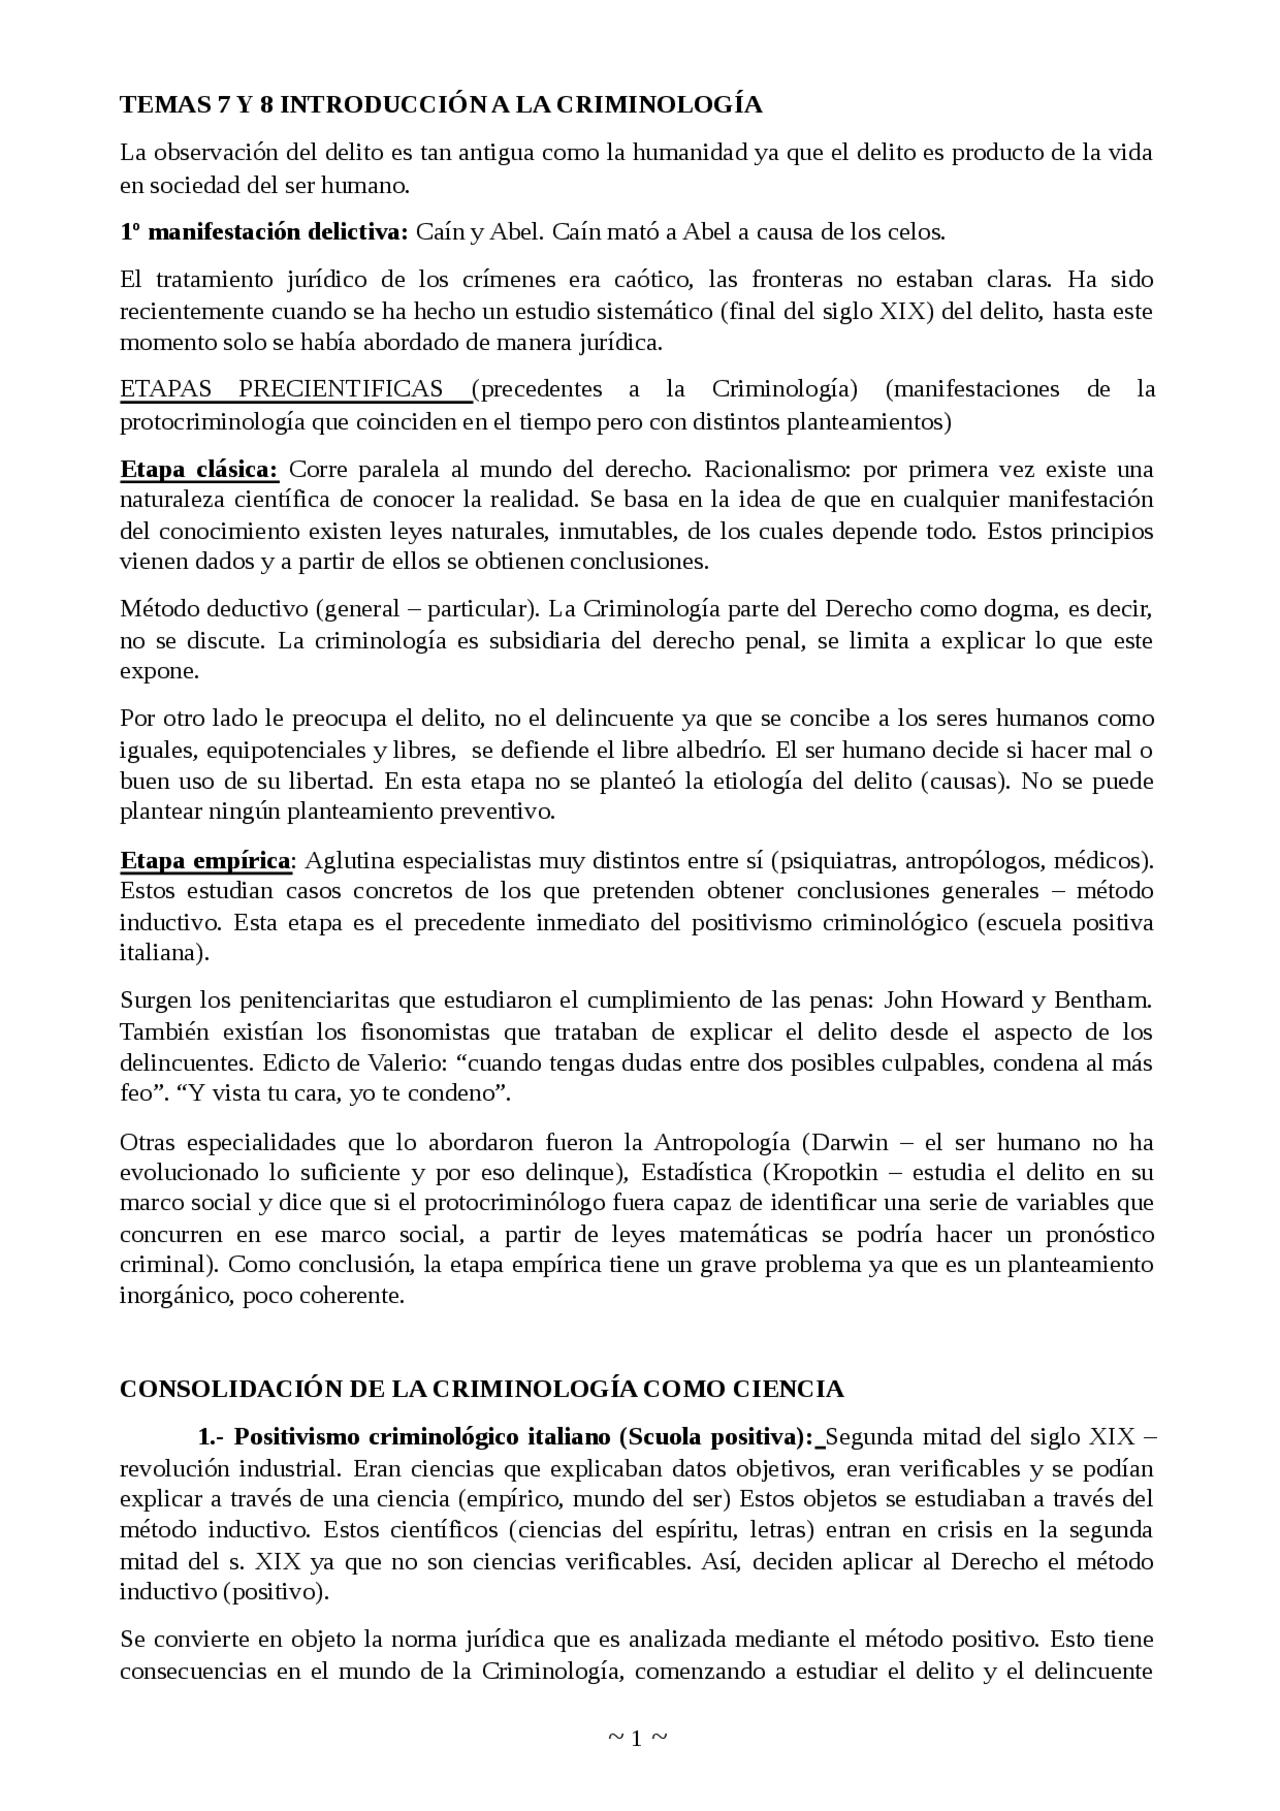 Temas 7 Y 8 Introducción A La Criminología Apuntes De Criminología Docsity